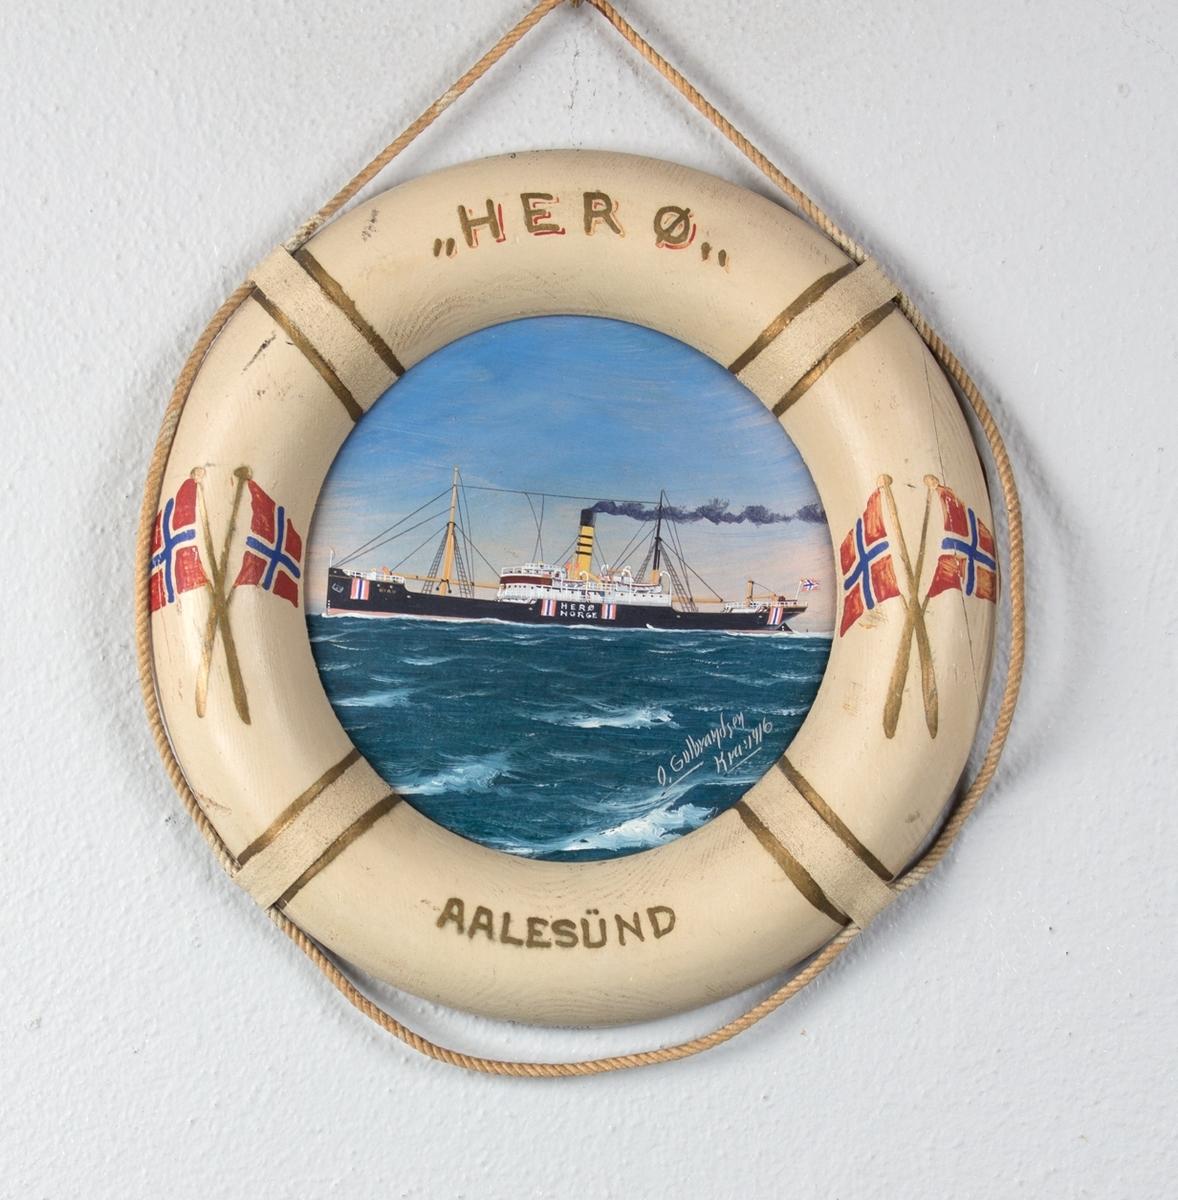 Skipsportrett av DS HERØ under fart i rom sjø. Rammen er utformet som en livbøye dekorert med norske flagg og skipets navn og hjemmehavn. Skipet har påmalt nøytralitetsmerker på skutesiden.